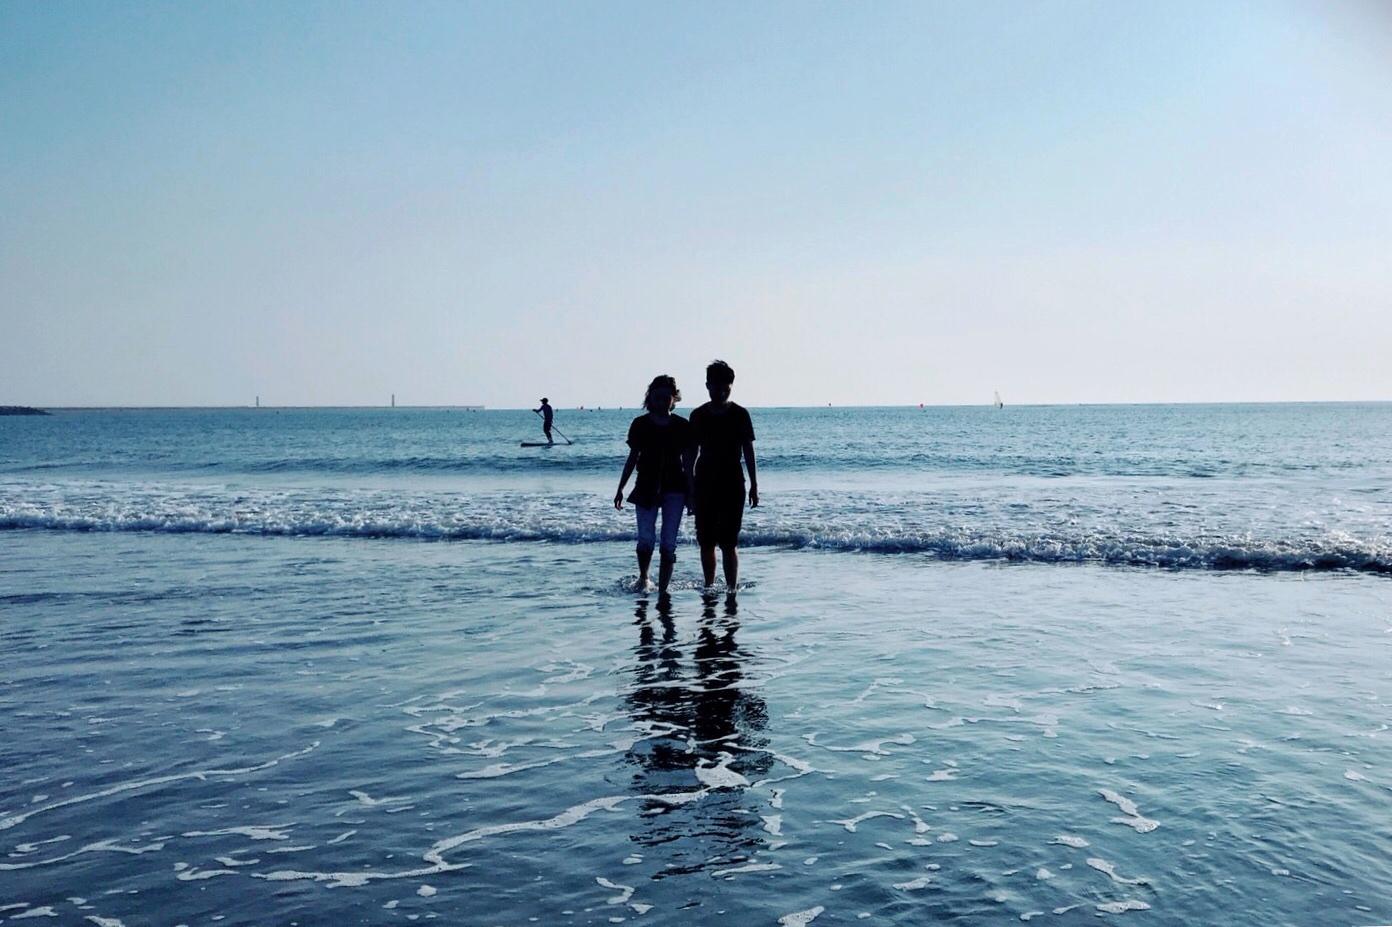 給你的情書》每日半小時的交錯,點點滴滴都是我們要細數的幸福!